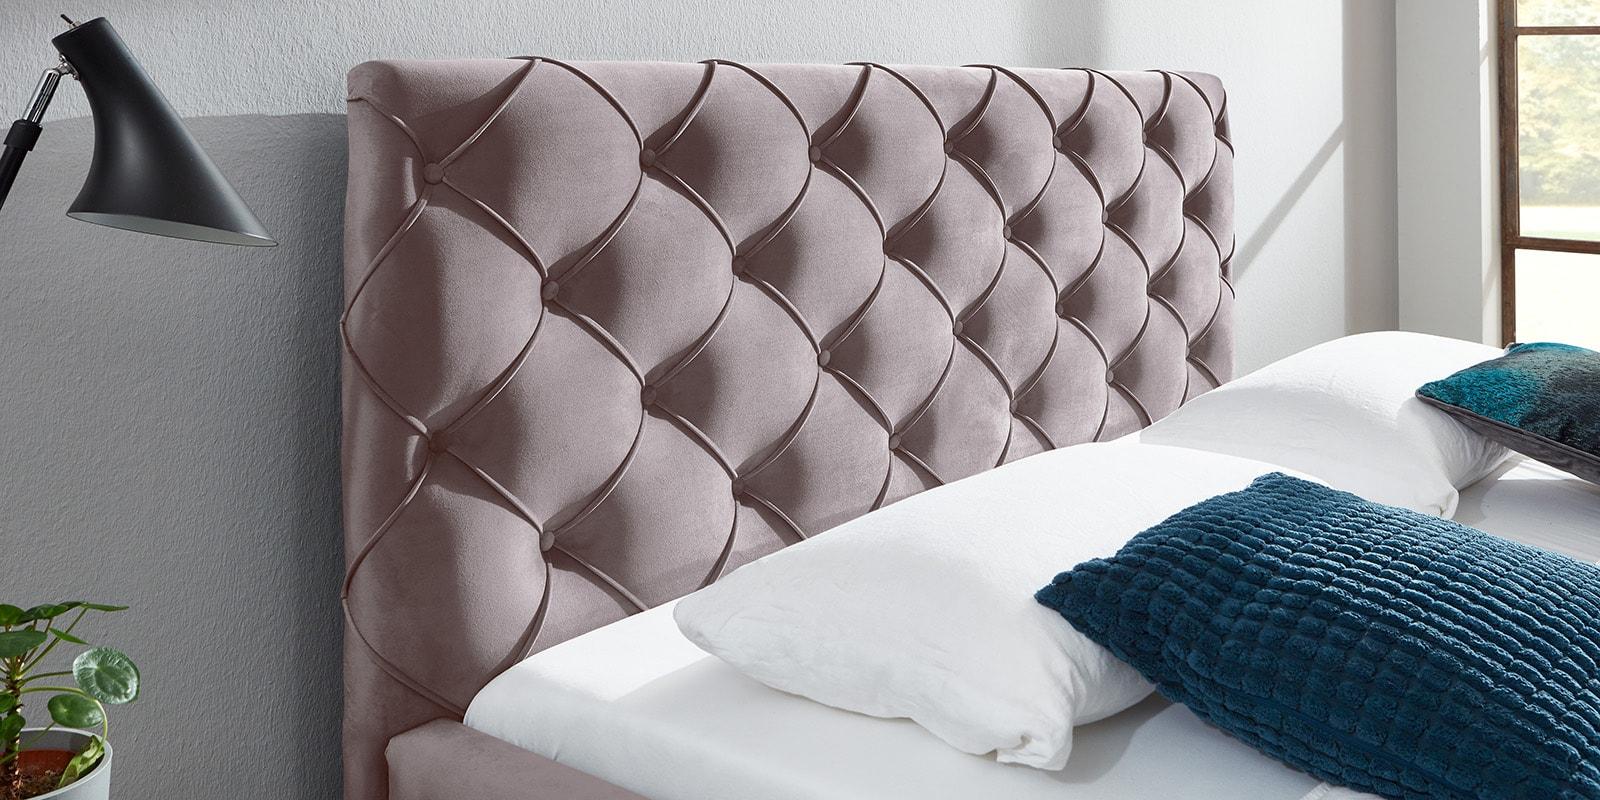 Moebella24 - Bett - mit - Bettkasten - Nelly - Samt - Rose - Kopfteil - mit - Knopfheftung - Detailaufnahme